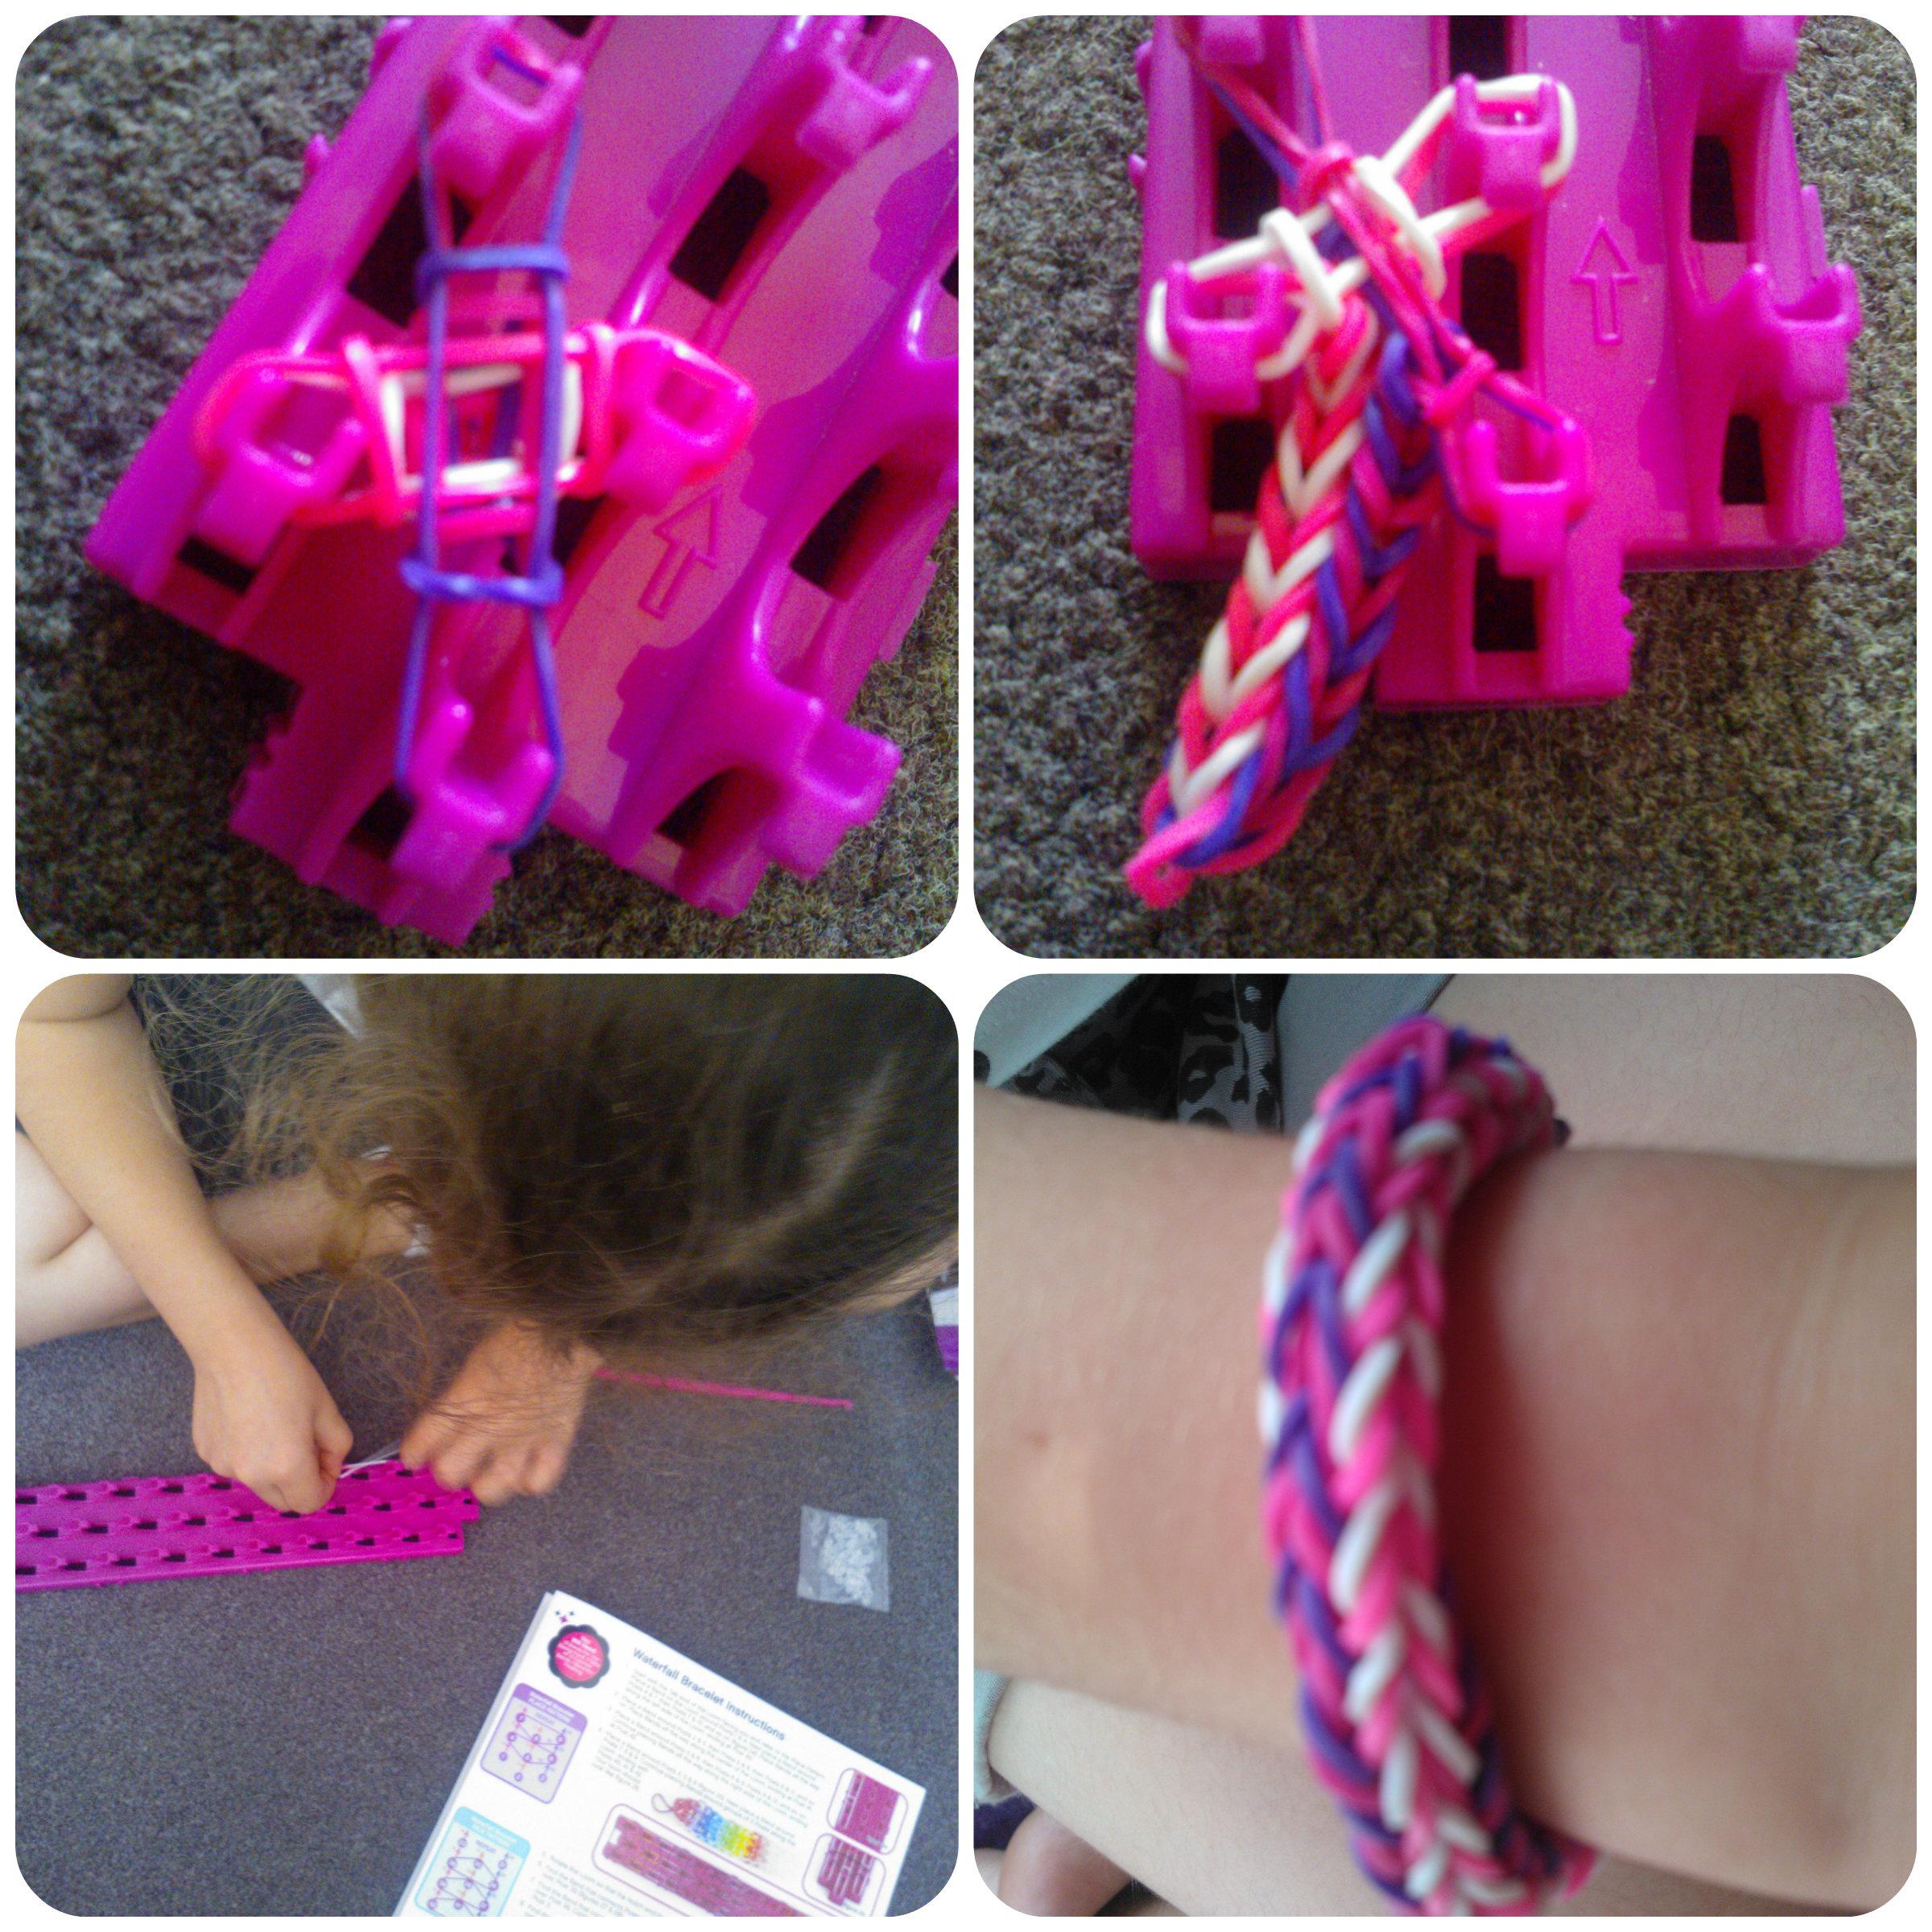 loom 5 Cra Z loom Bracelet Maker   Review